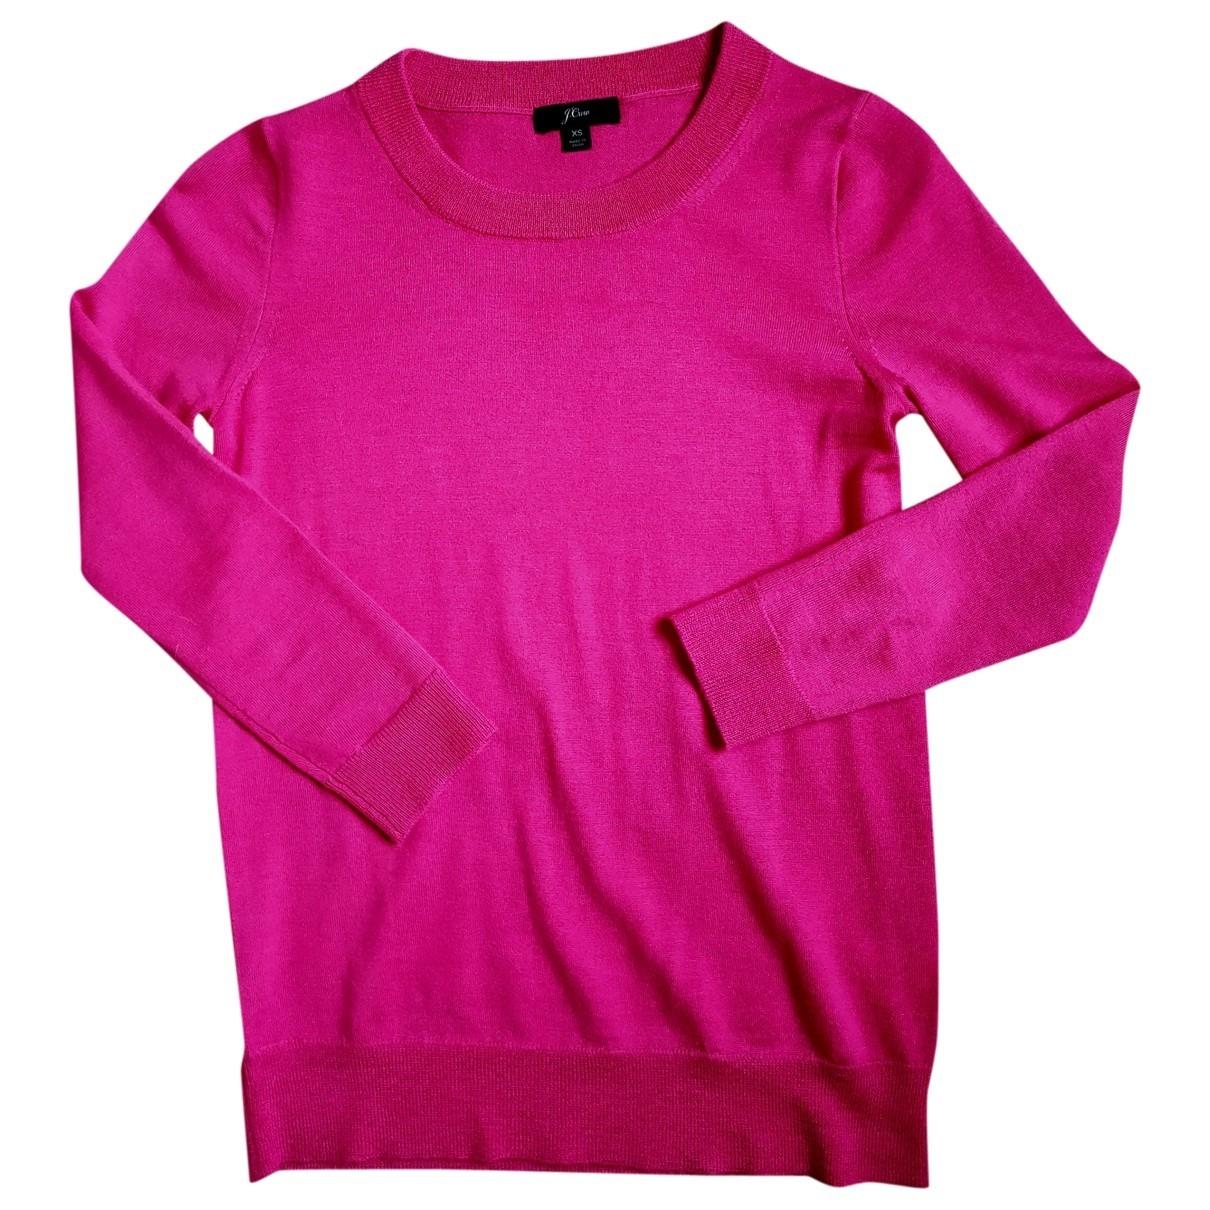 J.crew - Pull   pour femme en laine - rose